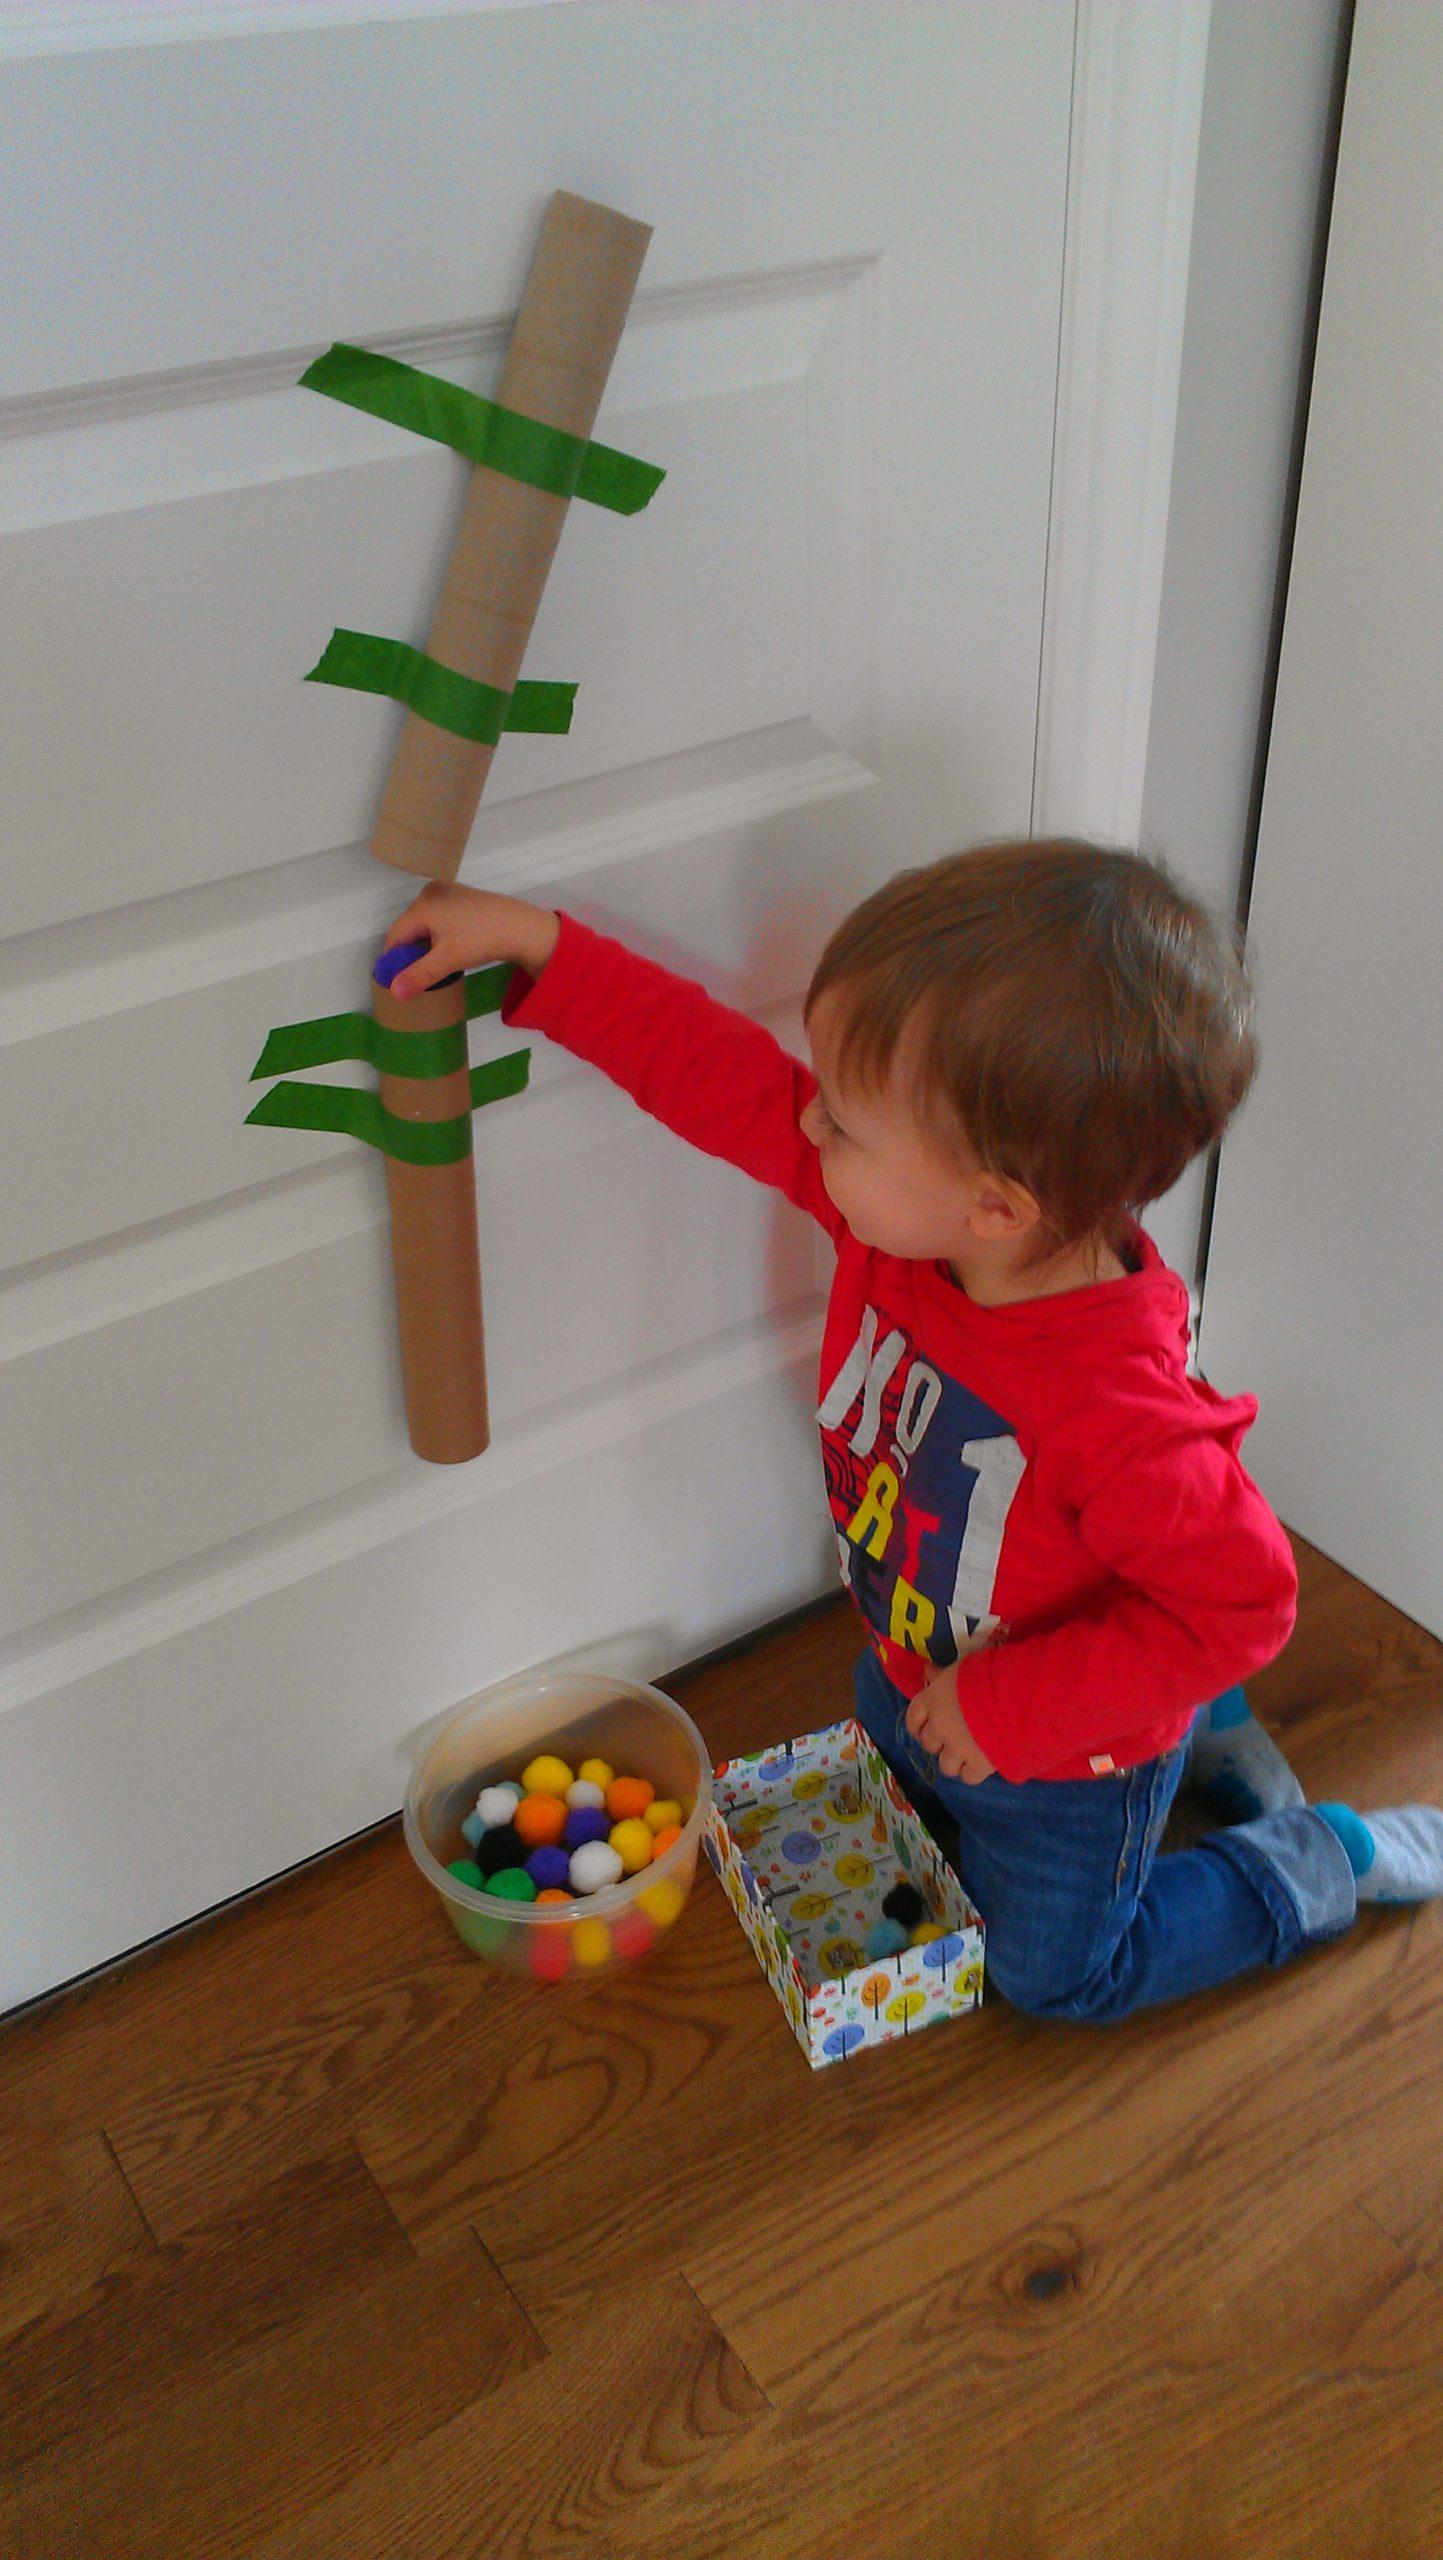 """Des Jeux """"maison"""" Pour Les Enfants De 2 À 3 Ans! - C'est Ça intérieur Jeux Pour Bébé 2 Ans"""